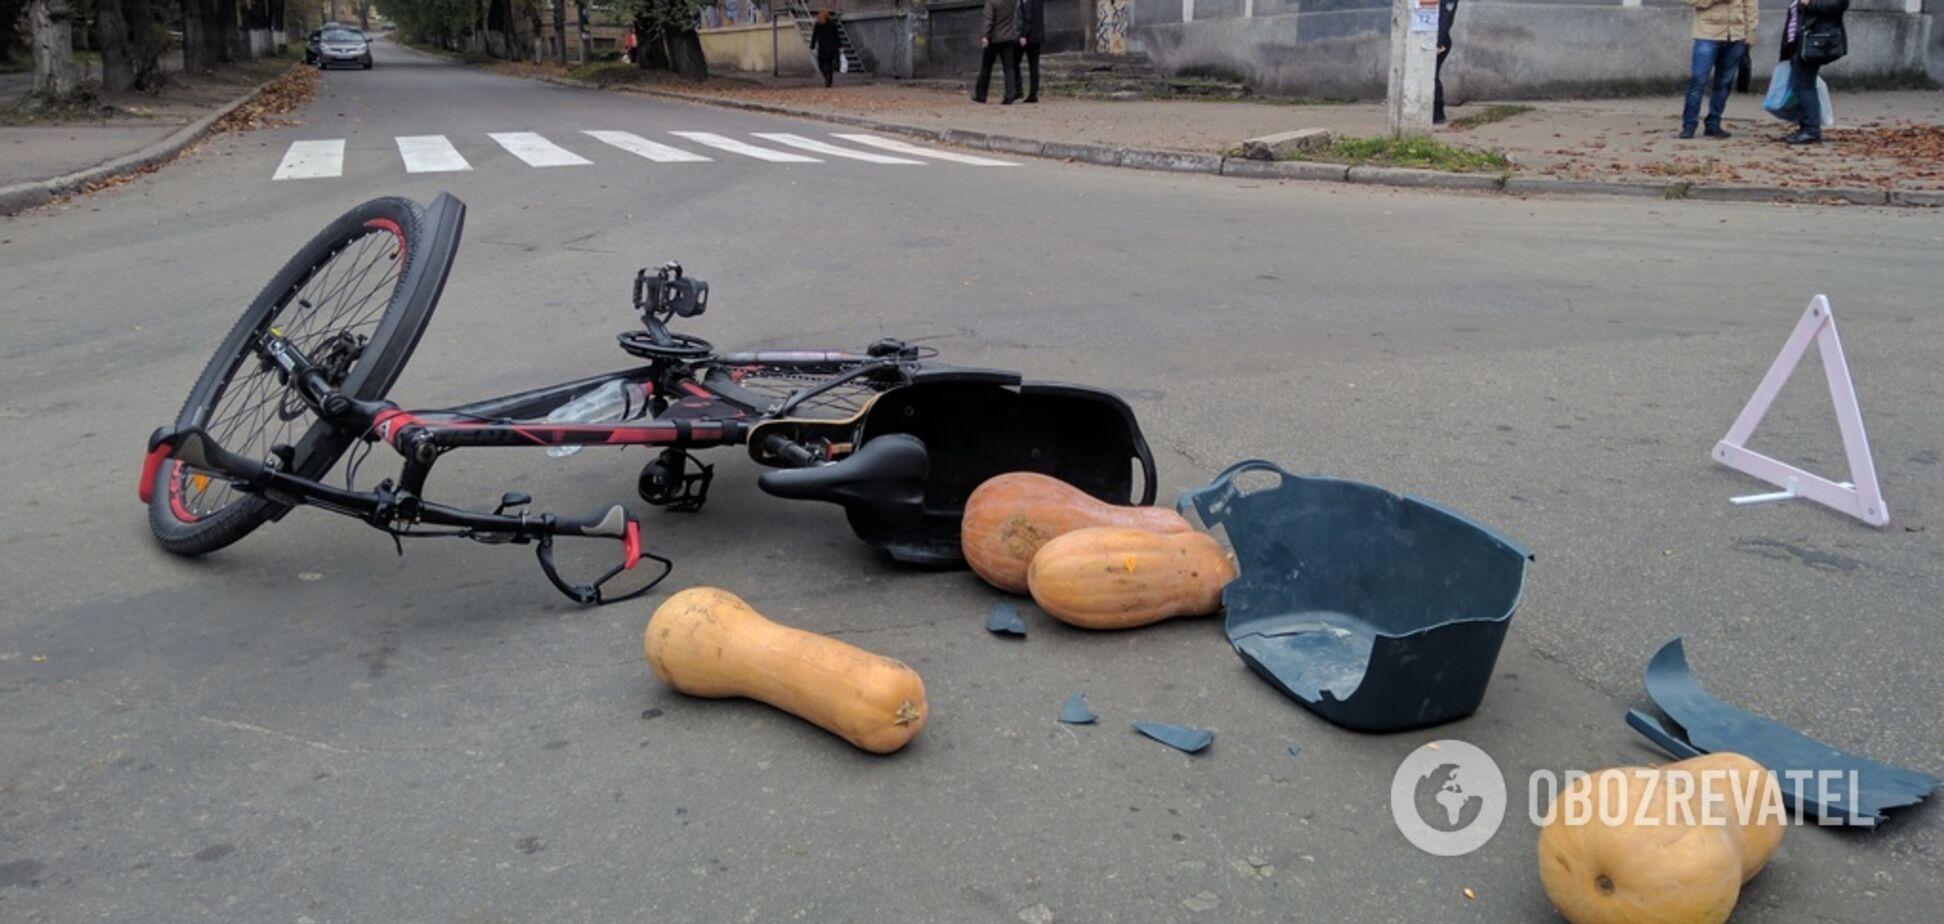 Под Днепром автомобиль переехал велосипедиста: видео с места ДТП